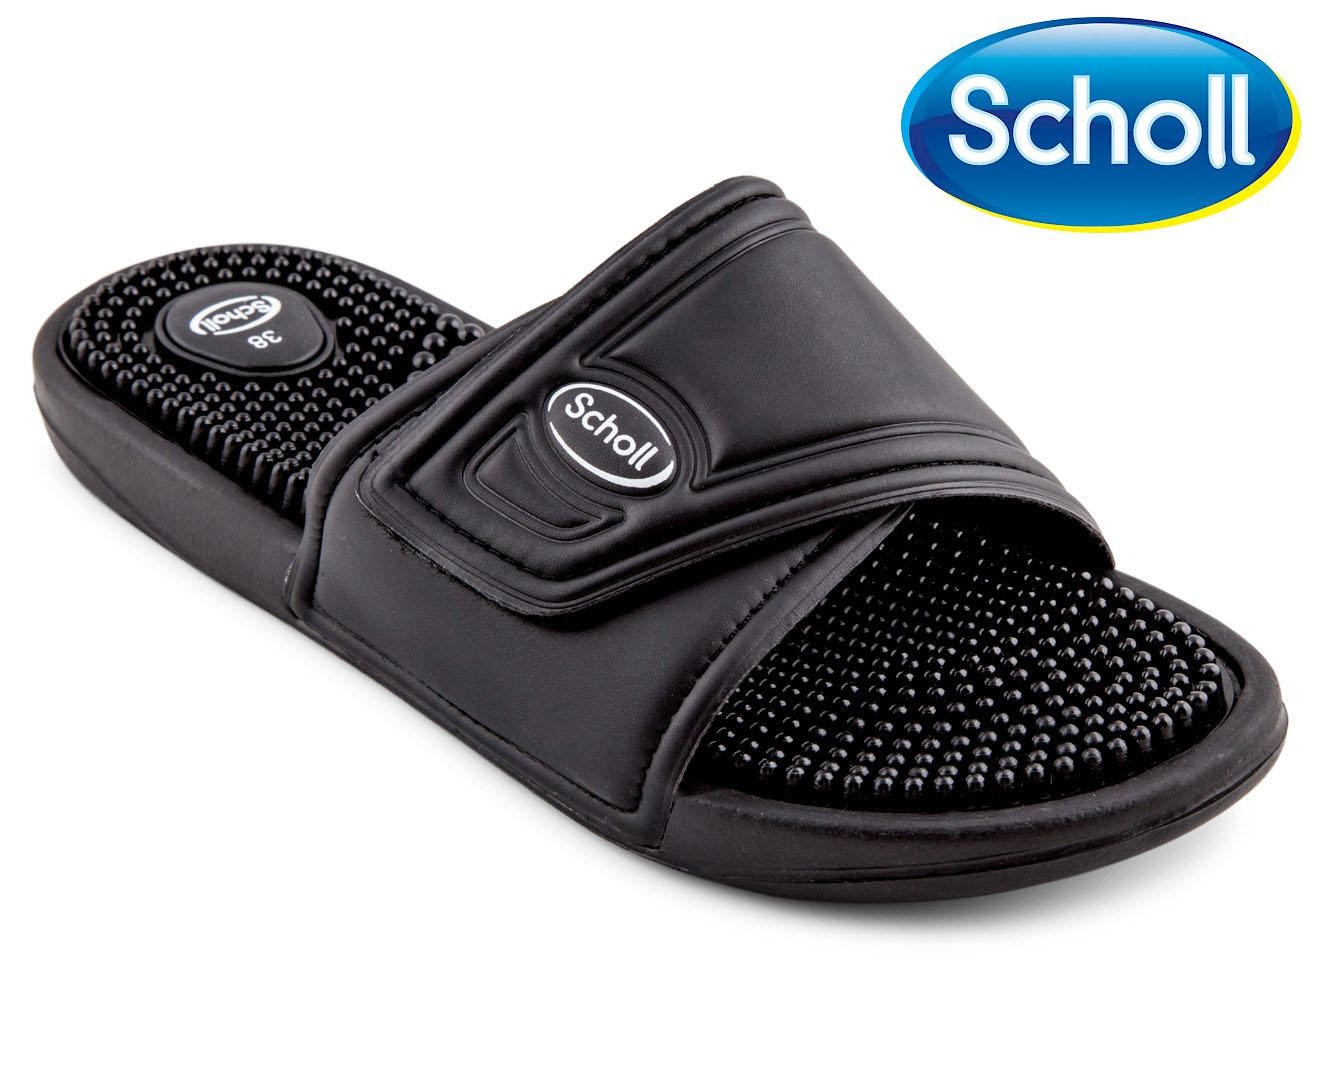 Revive Scholl Massage Revive Massage Shoe Scholl Black SVUMpz